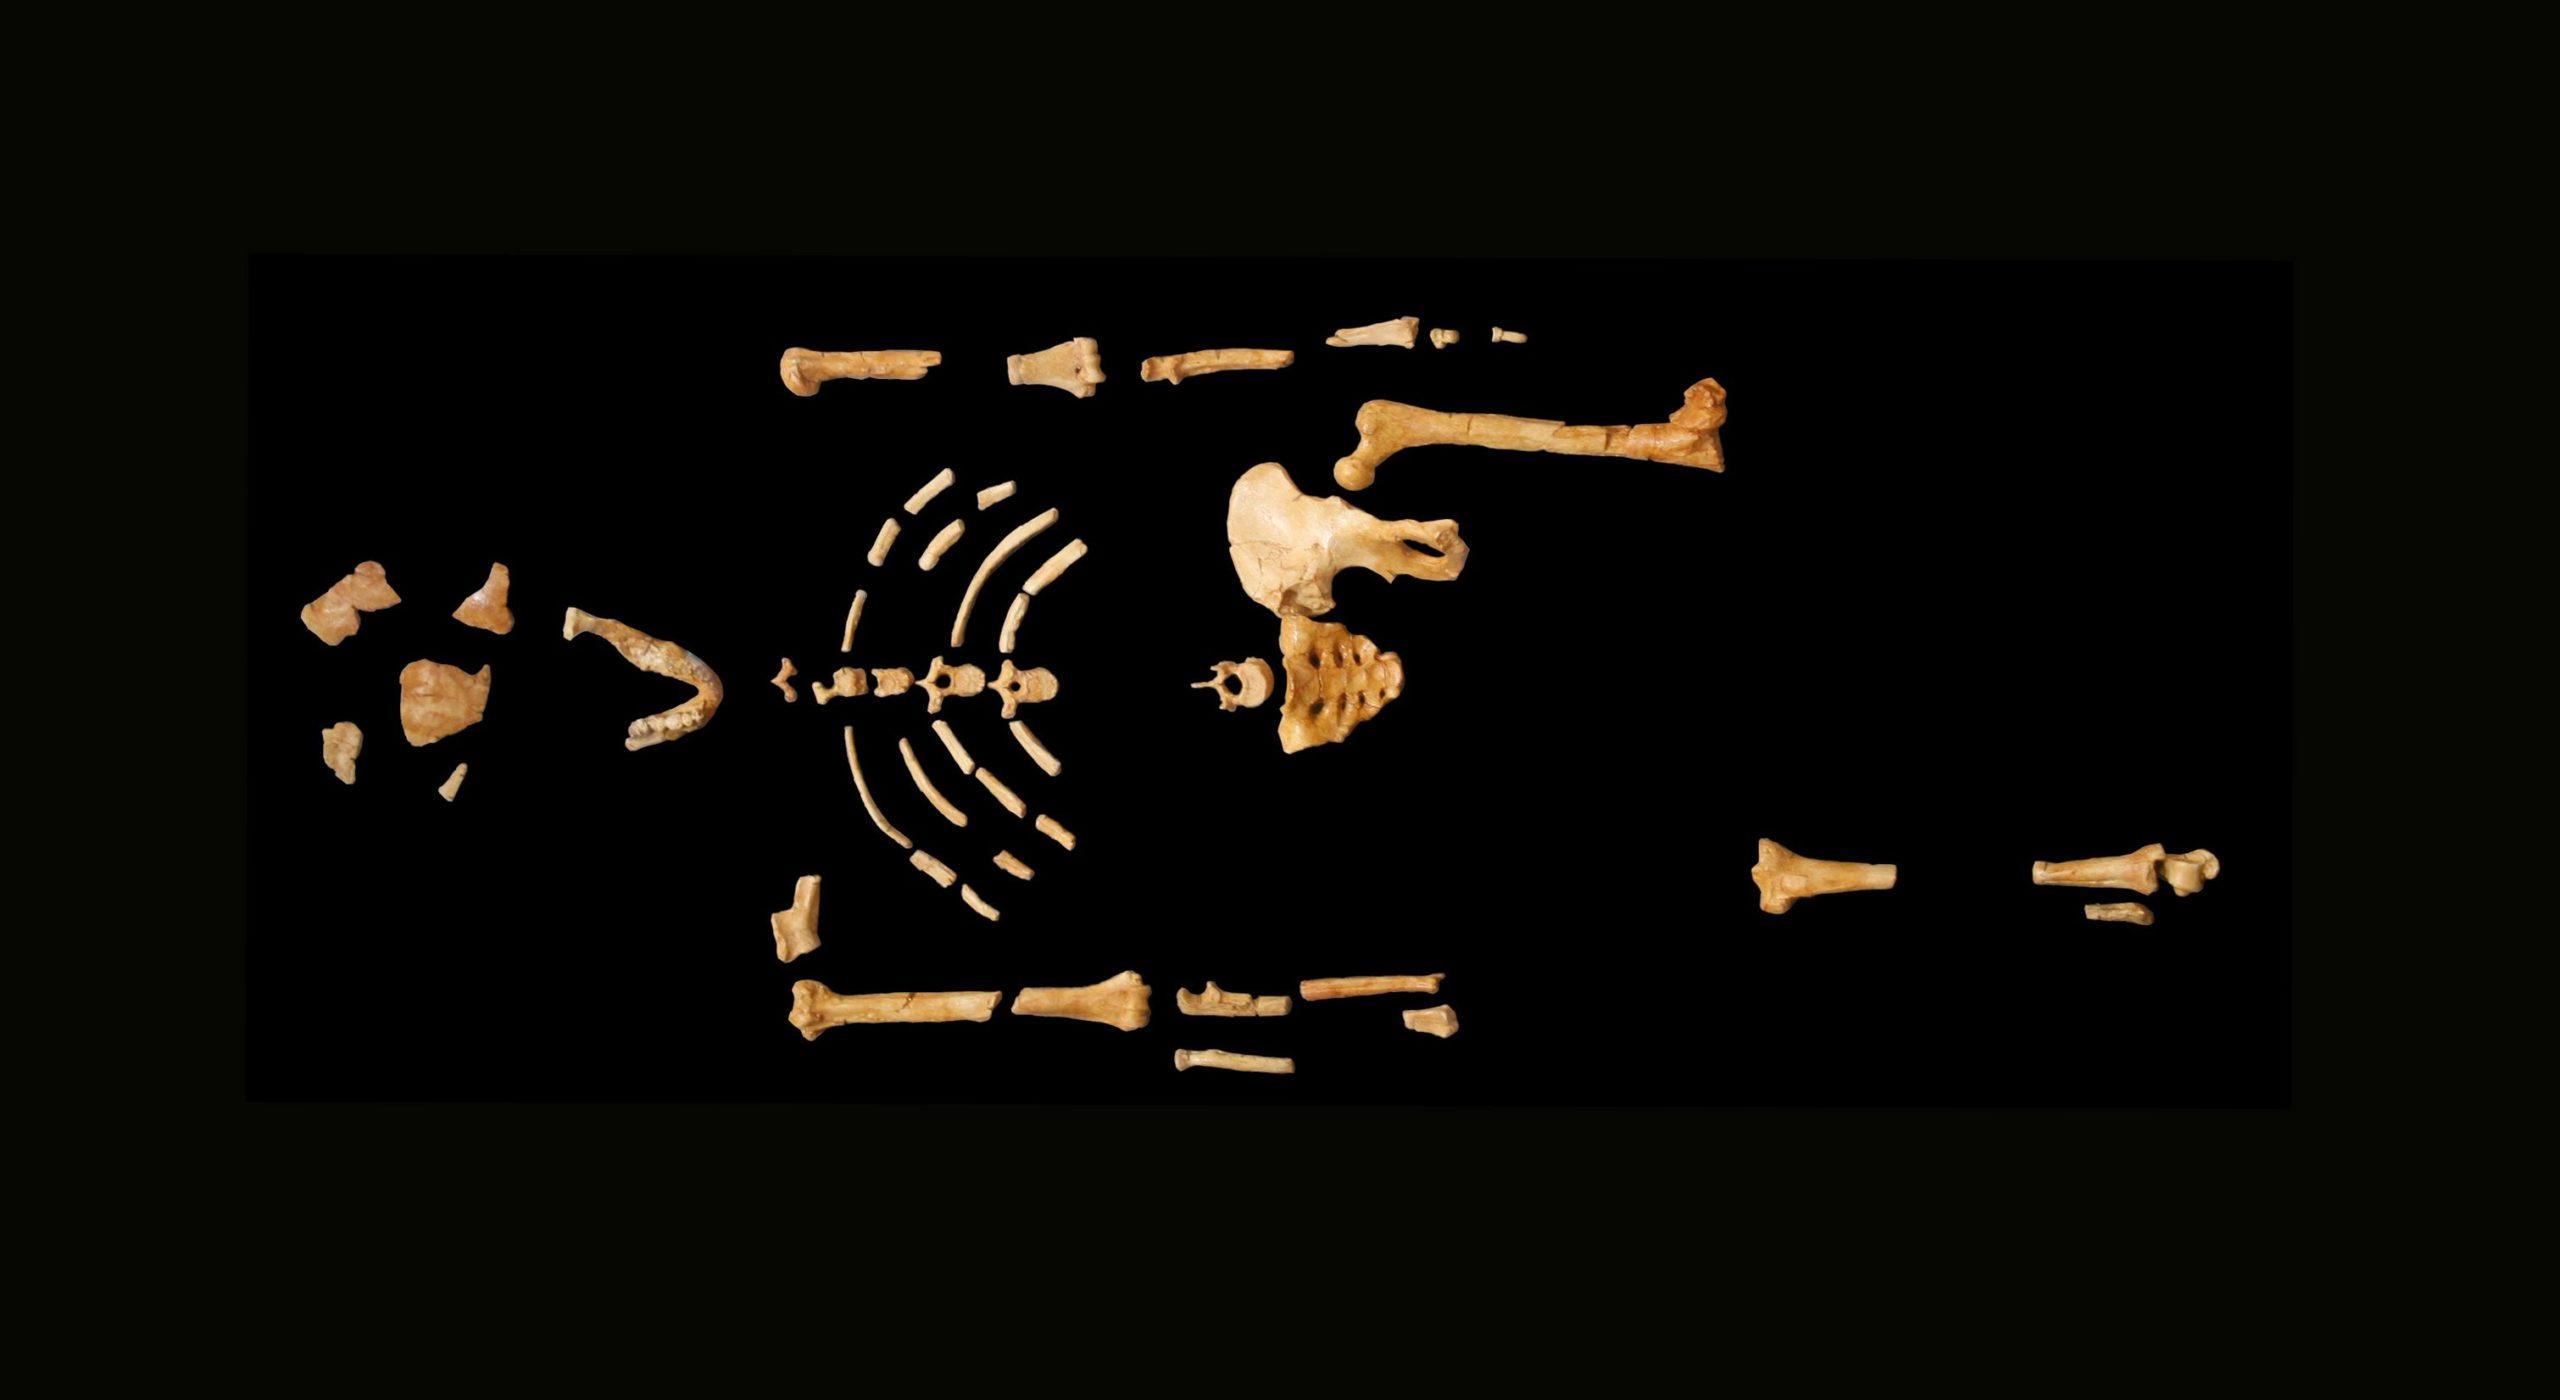 Lucy - an Australopithecus afarensi